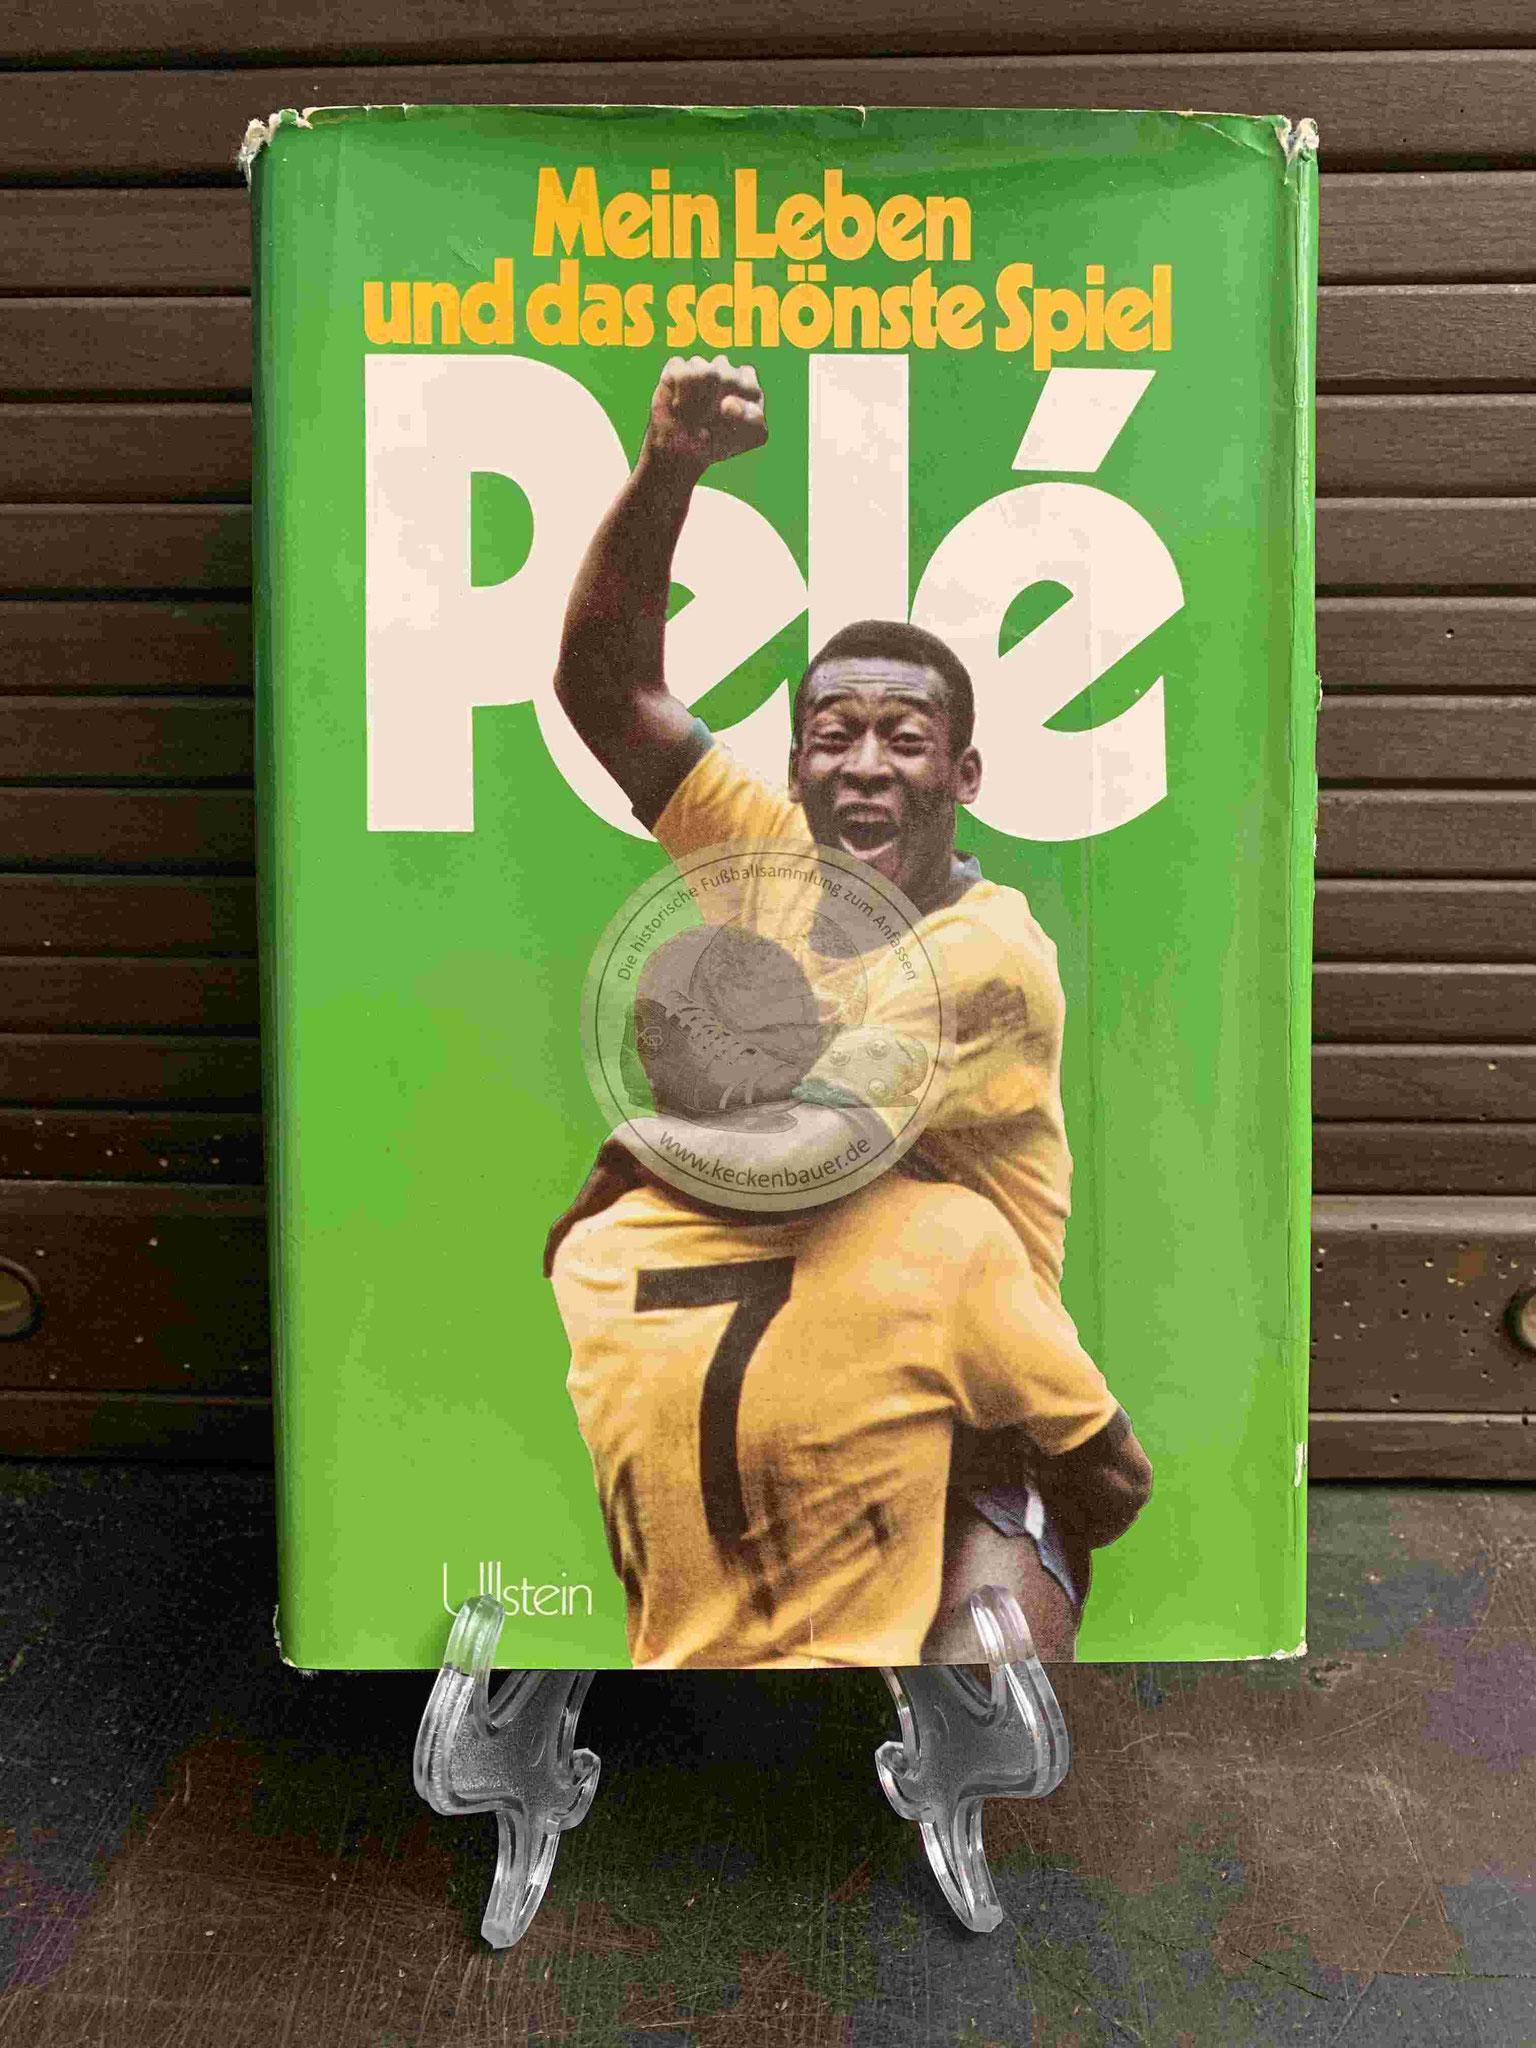 Pelé Mein Leben und das schönste Spiel aus dem Jahr 1977